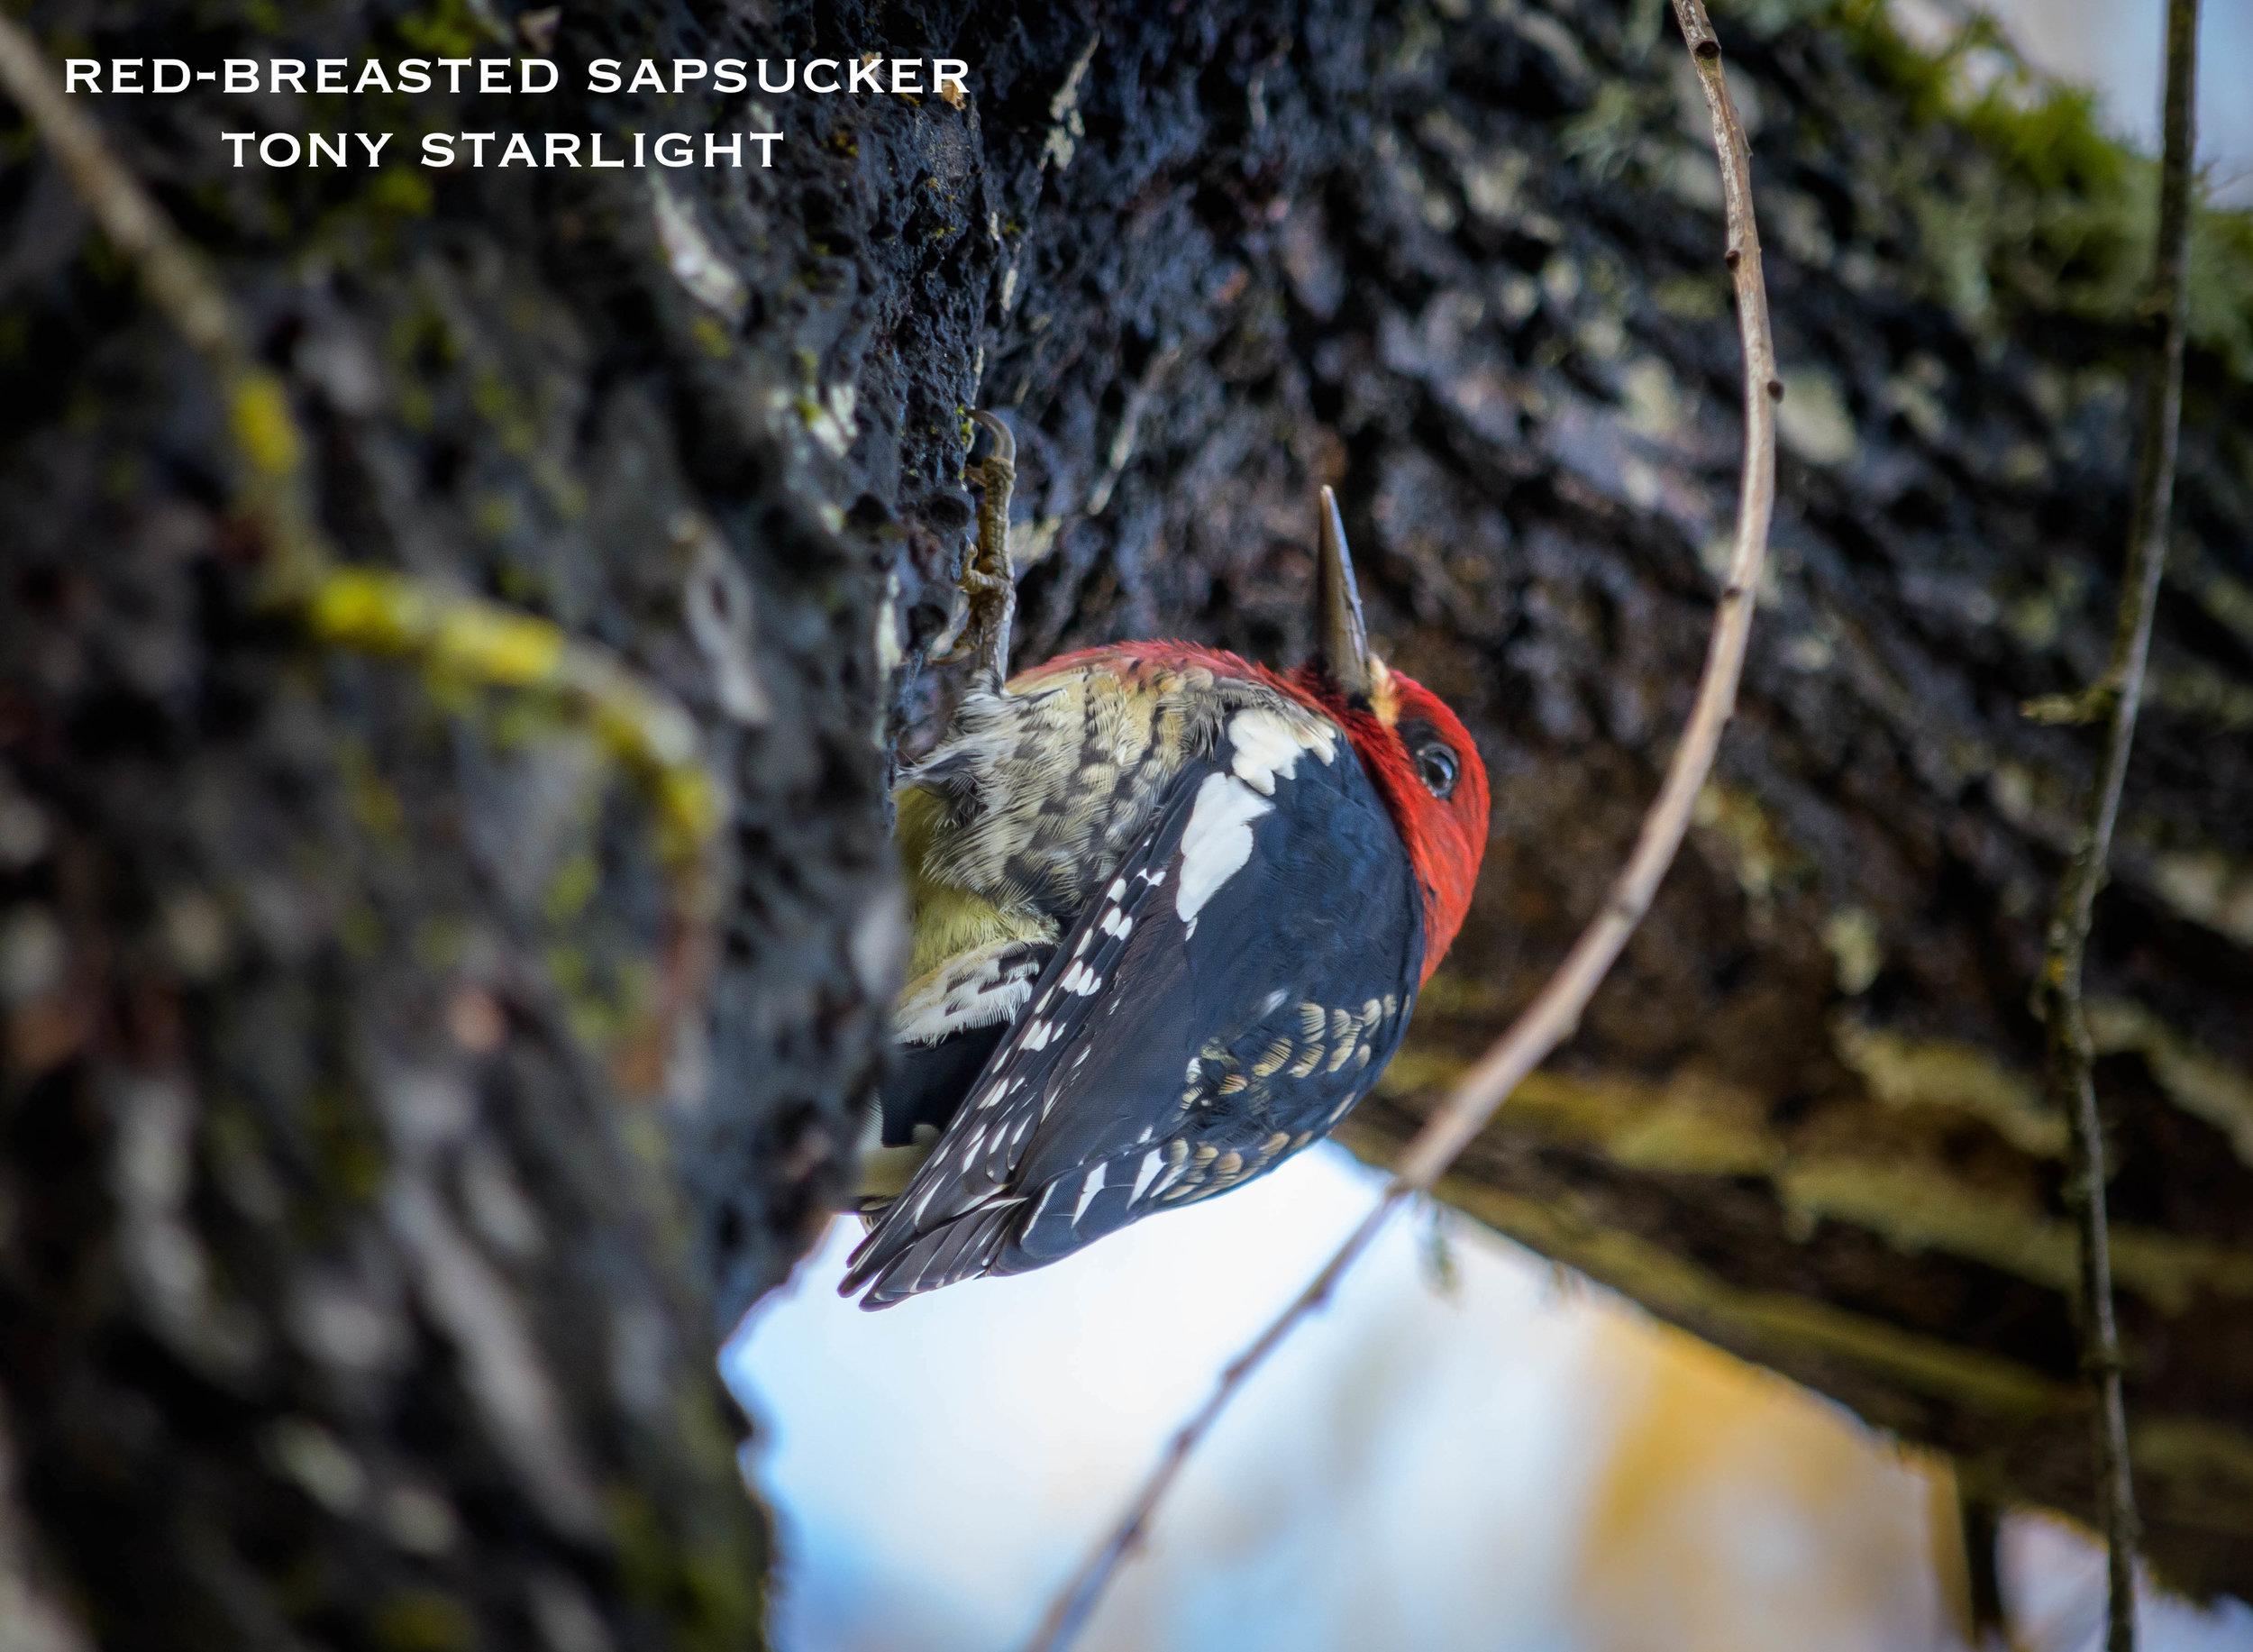 Red-breasted Sapsucker DSC_0741.jpg